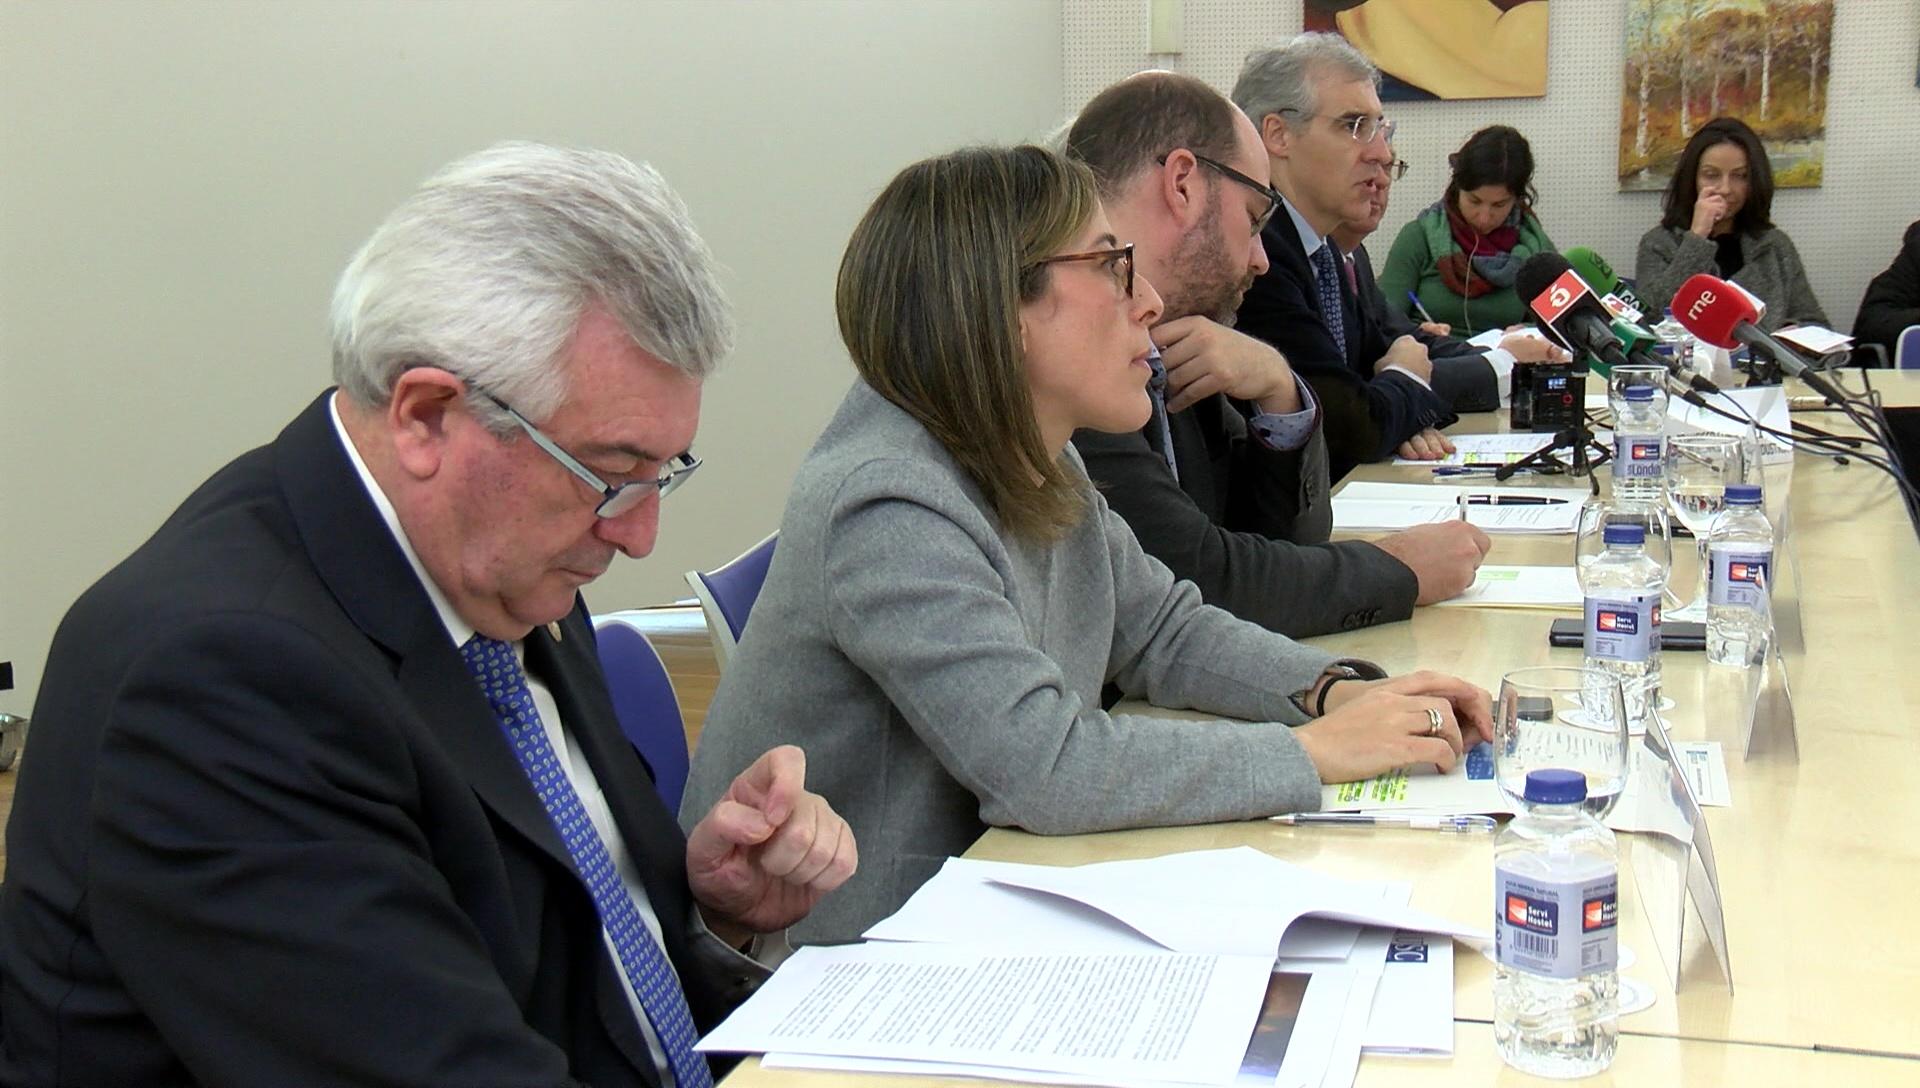 O Concello de Santiago, o Instituto Galego de Vivenda e Solo, Igape, Universidade de Santiago, a Cámara de Comercio e a Asociación Área Empresarial do Tambre asinaron hoxe o protocolo